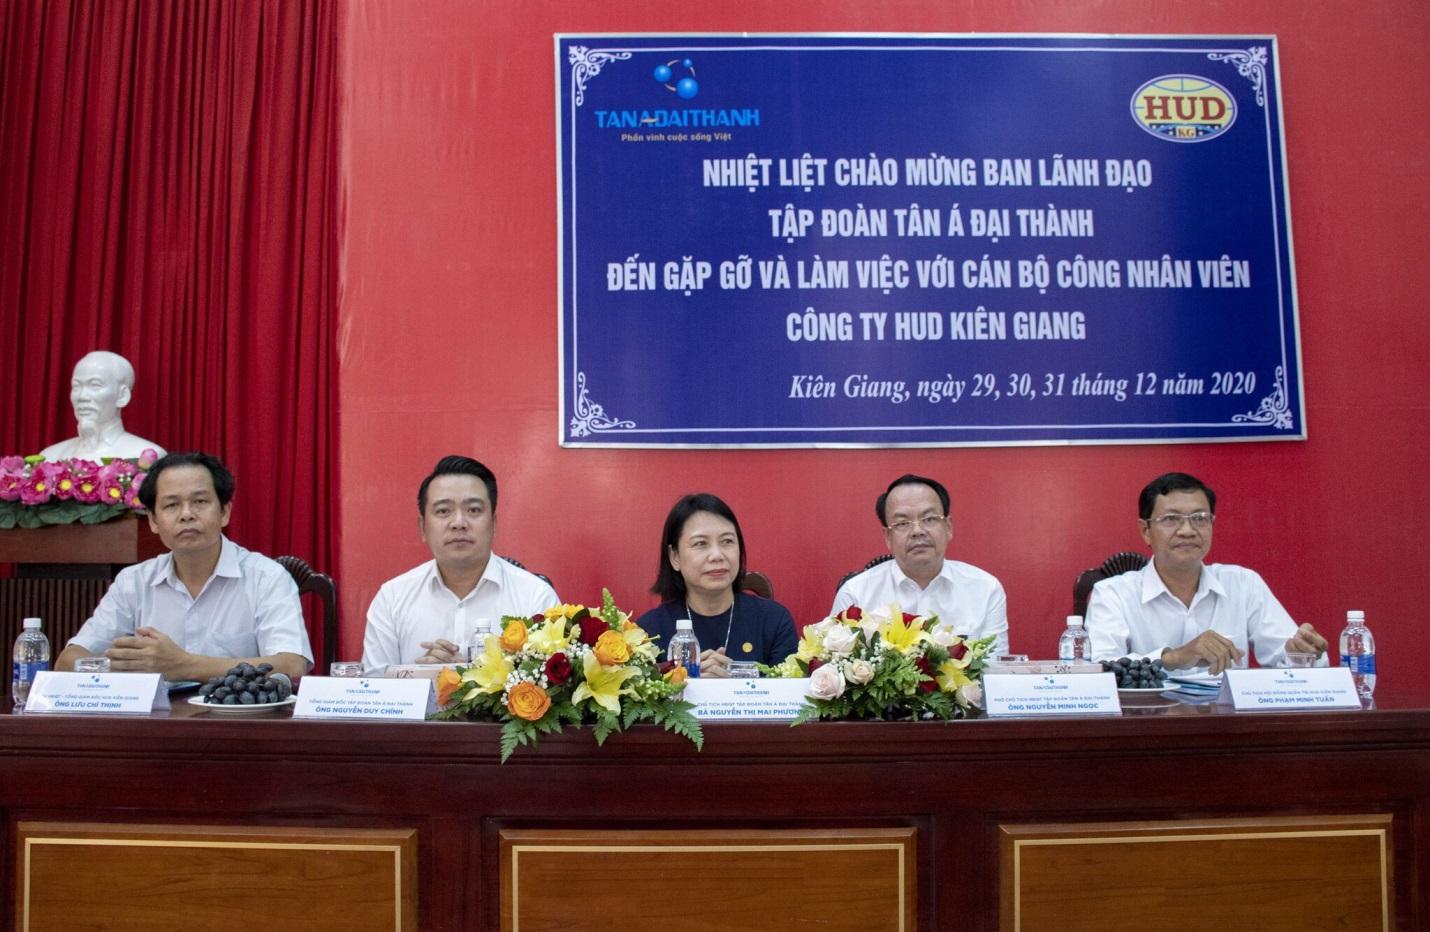 Ban lãnh đạo Tập đoàn Tân Á Đại Thành gặp gỡ và làm việc với CBCNV HUD Kiên Giang